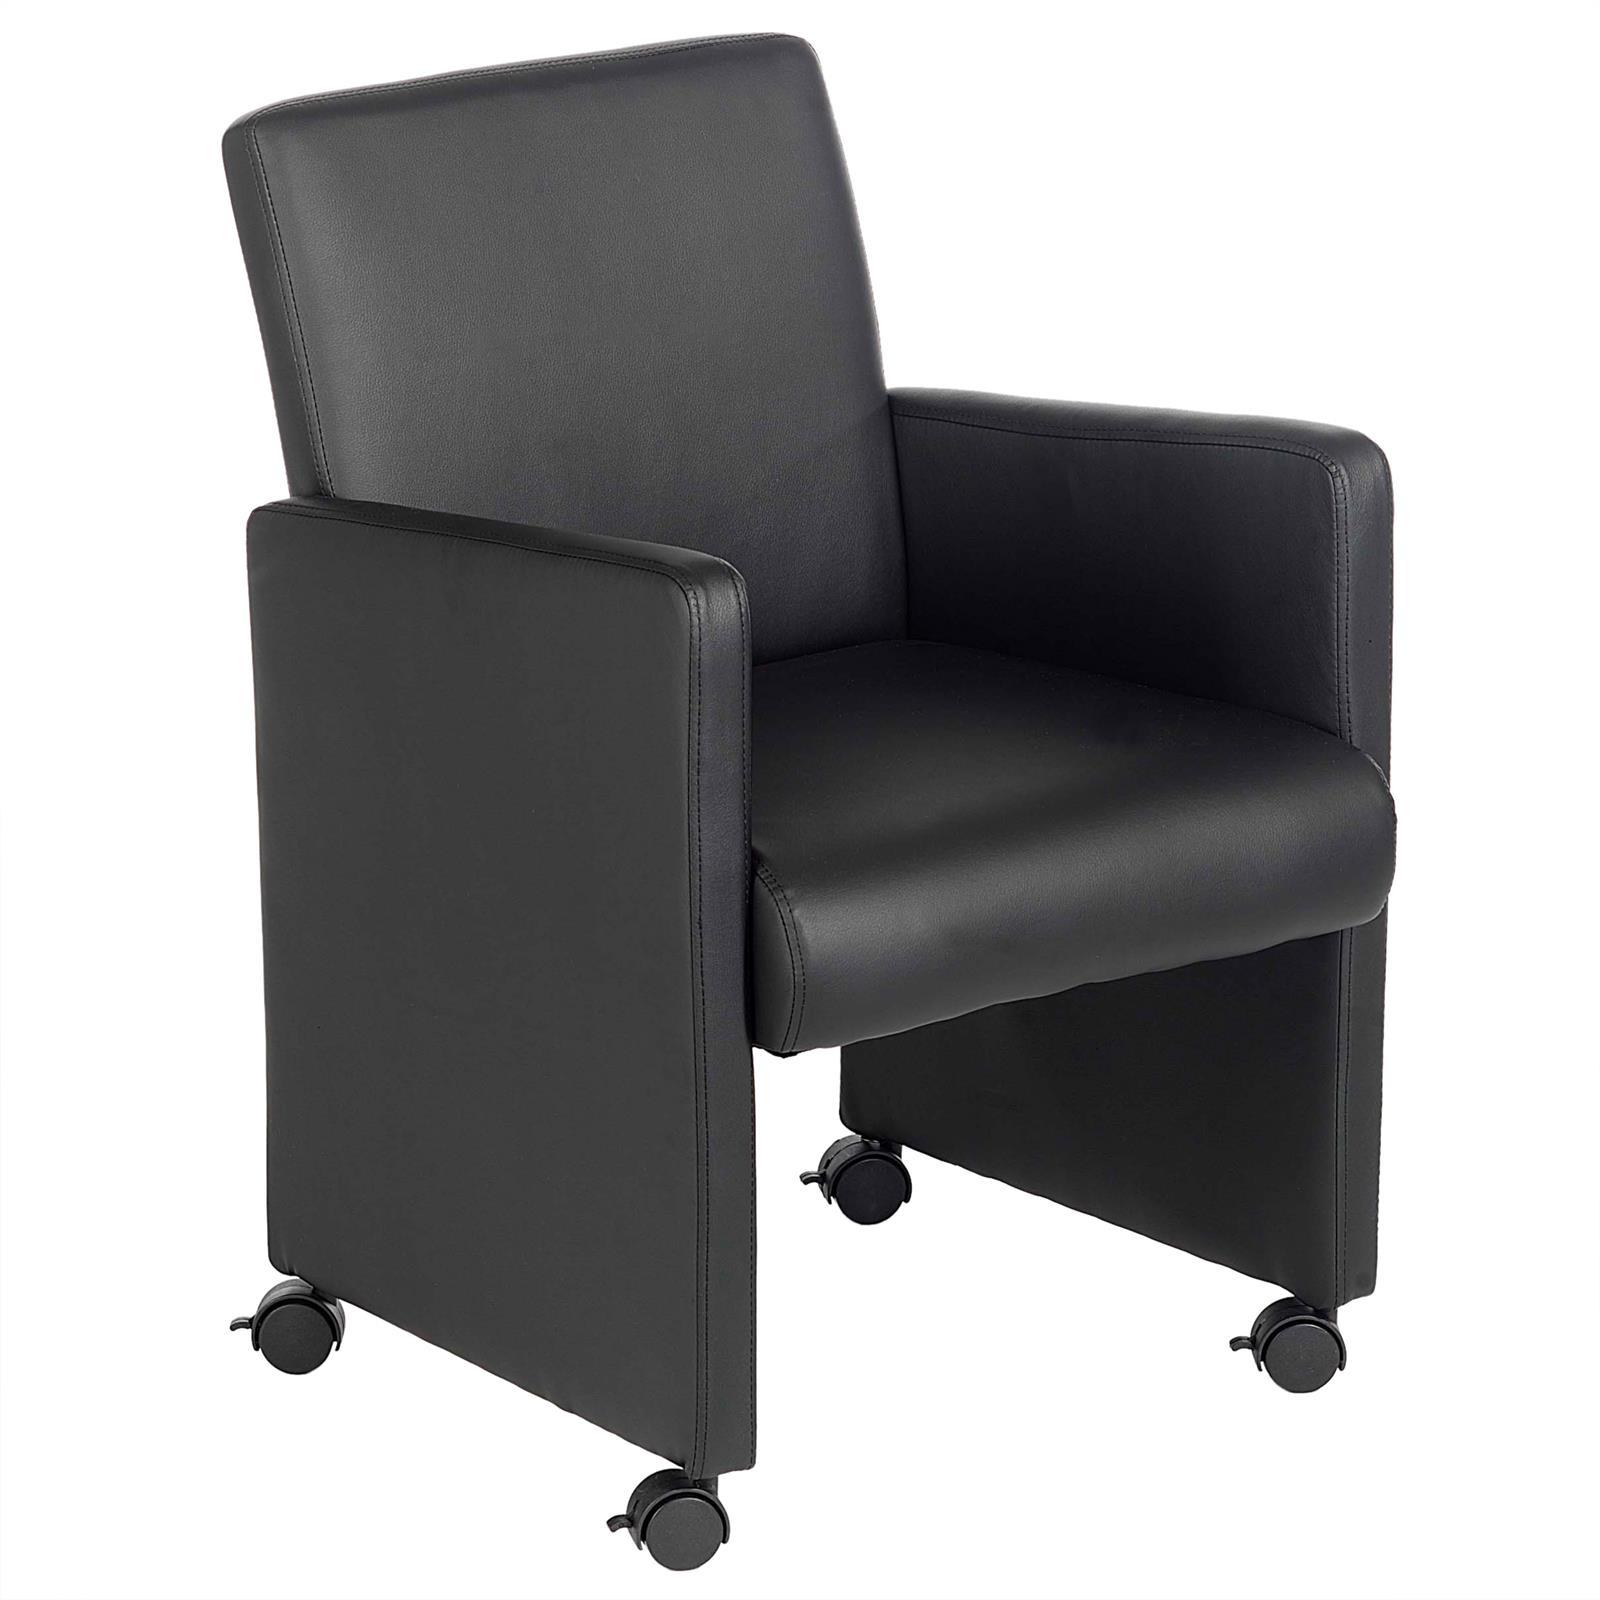 sessel relaxsessel polstersessel esszimmerstuhl kunstleder. Black Bedroom Furniture Sets. Home Design Ideas